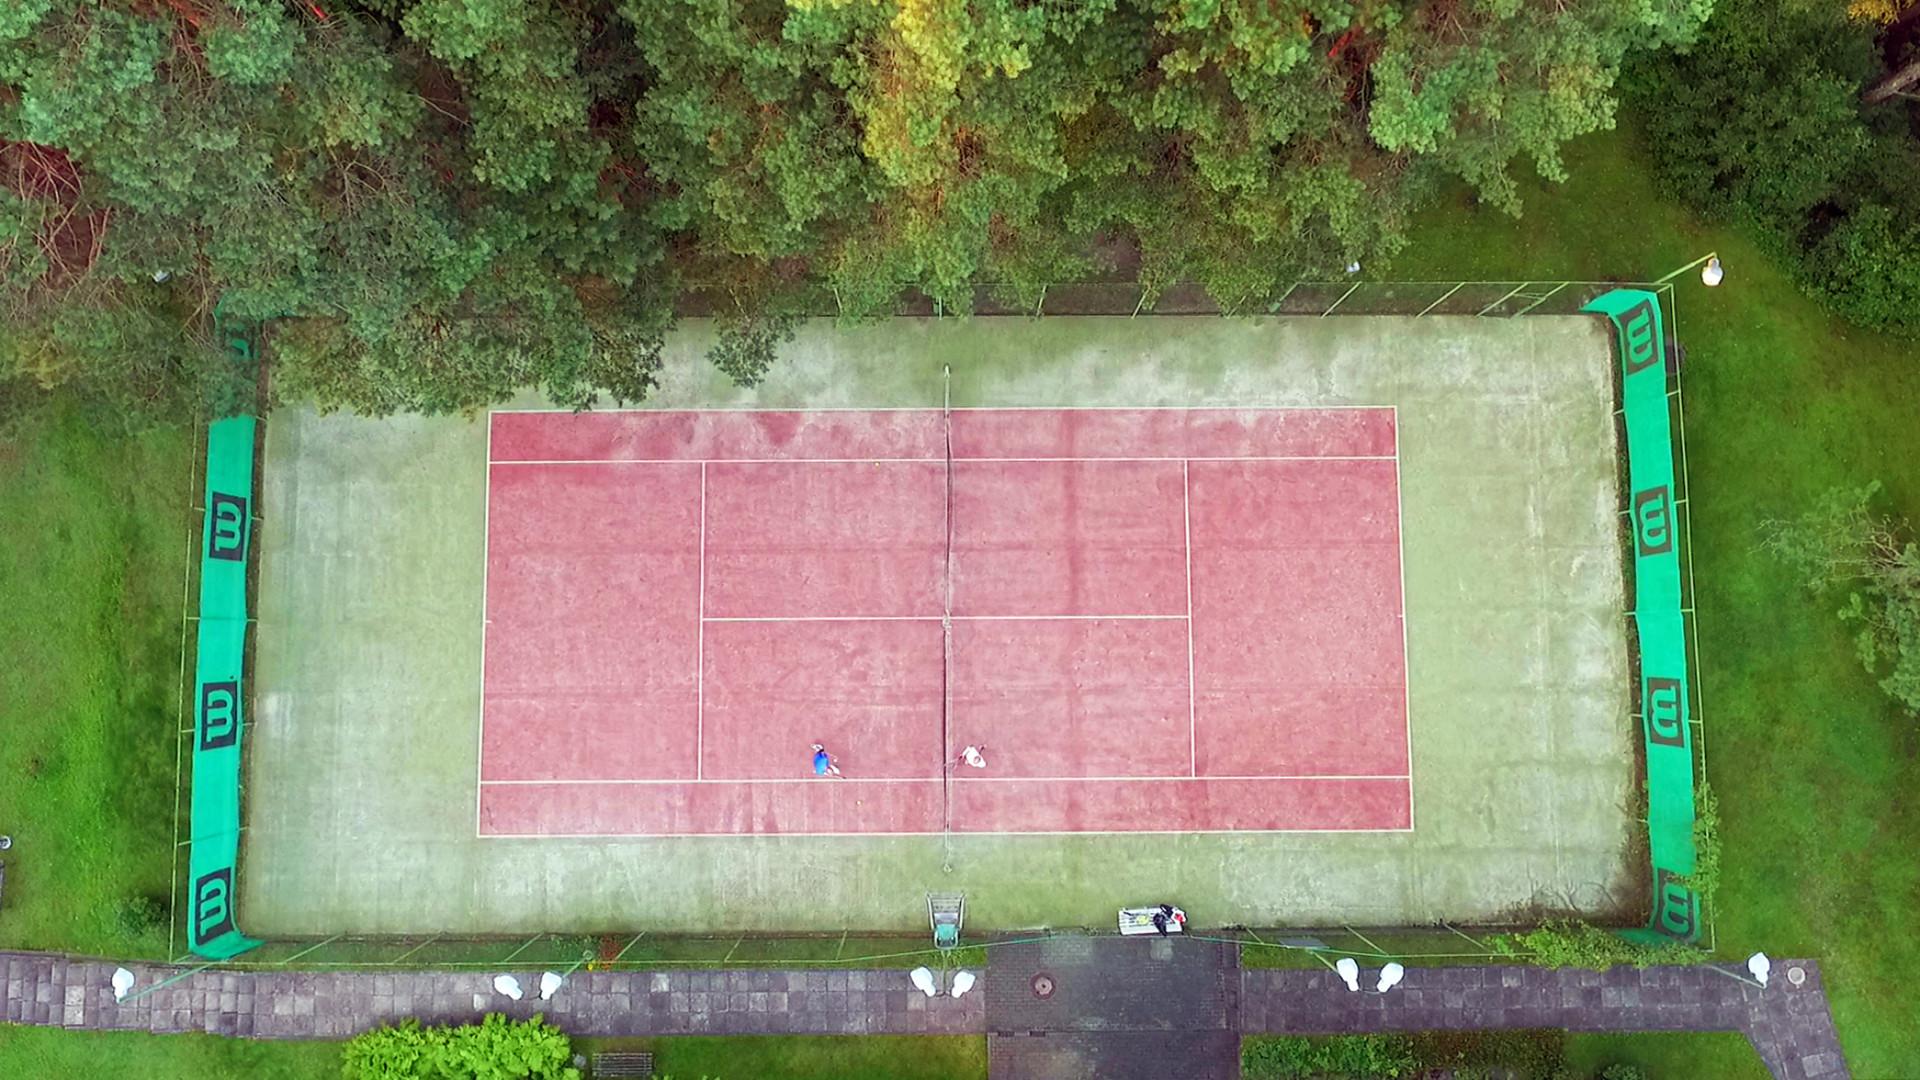 vv-lauko-tenisas.jpg